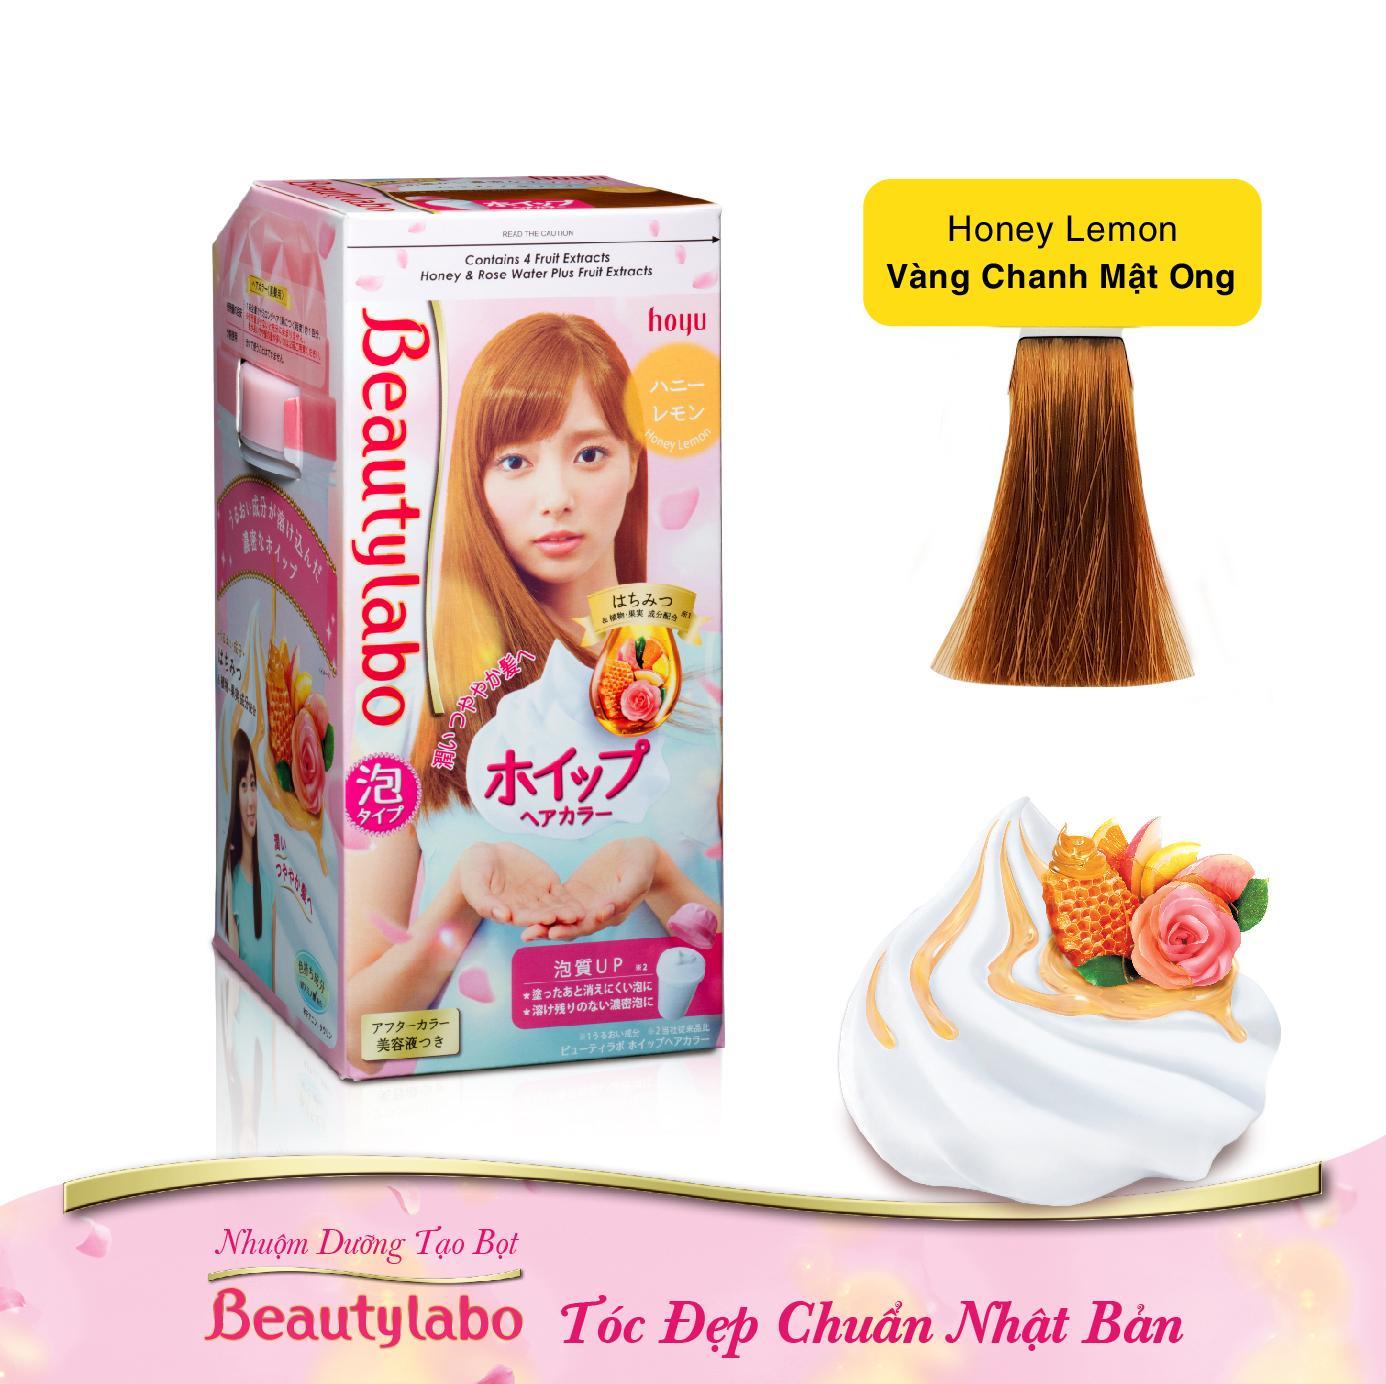 Nhuộm Dưỡng Tạo Bọt Beautylabo 125ml - Tóc Đẹp Chuẩn Nhật Bản